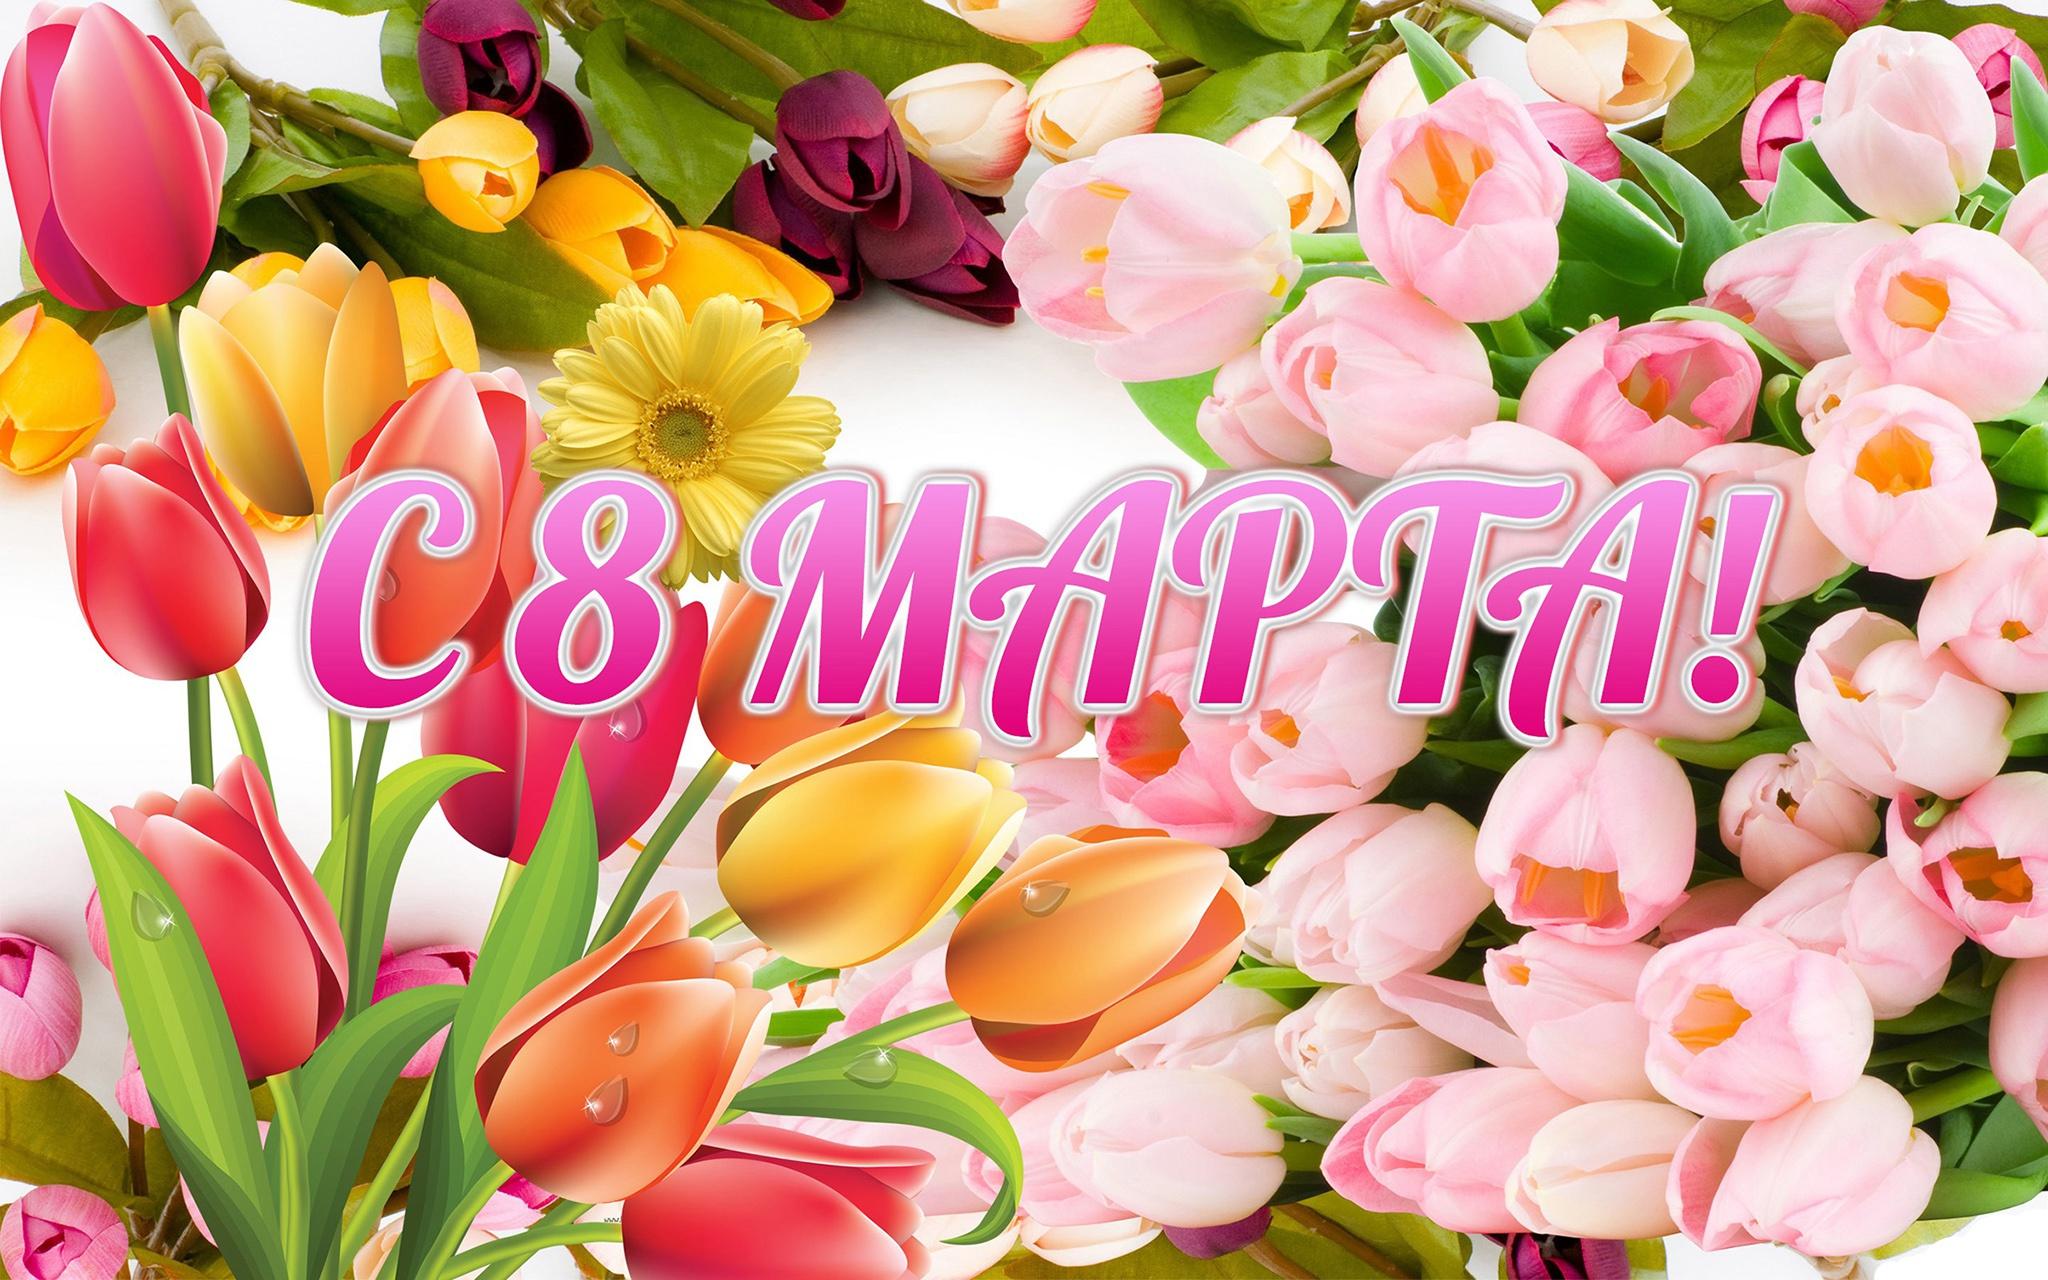 отдельных поздравление с женским днем цветы расскажите, что